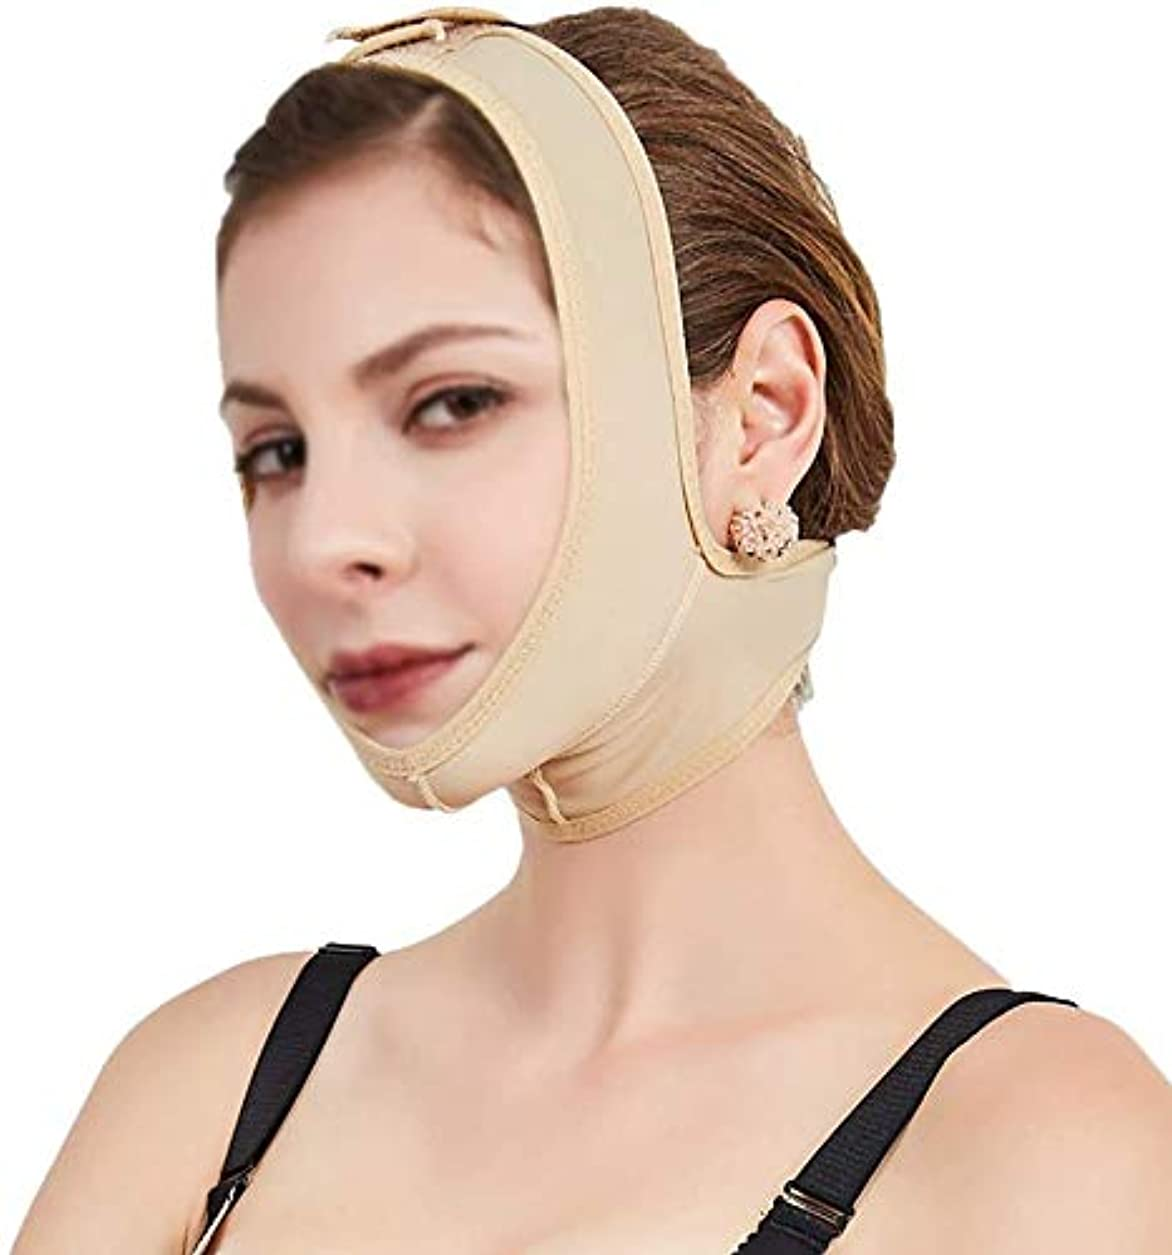 何か騙すラッチ美しさと実用的な顔と首のリフトポストエラスティックスリーブ下顎骨セット顔アーティファクトV顔顔面バンドルダブルチンマスク(サイズ:L)